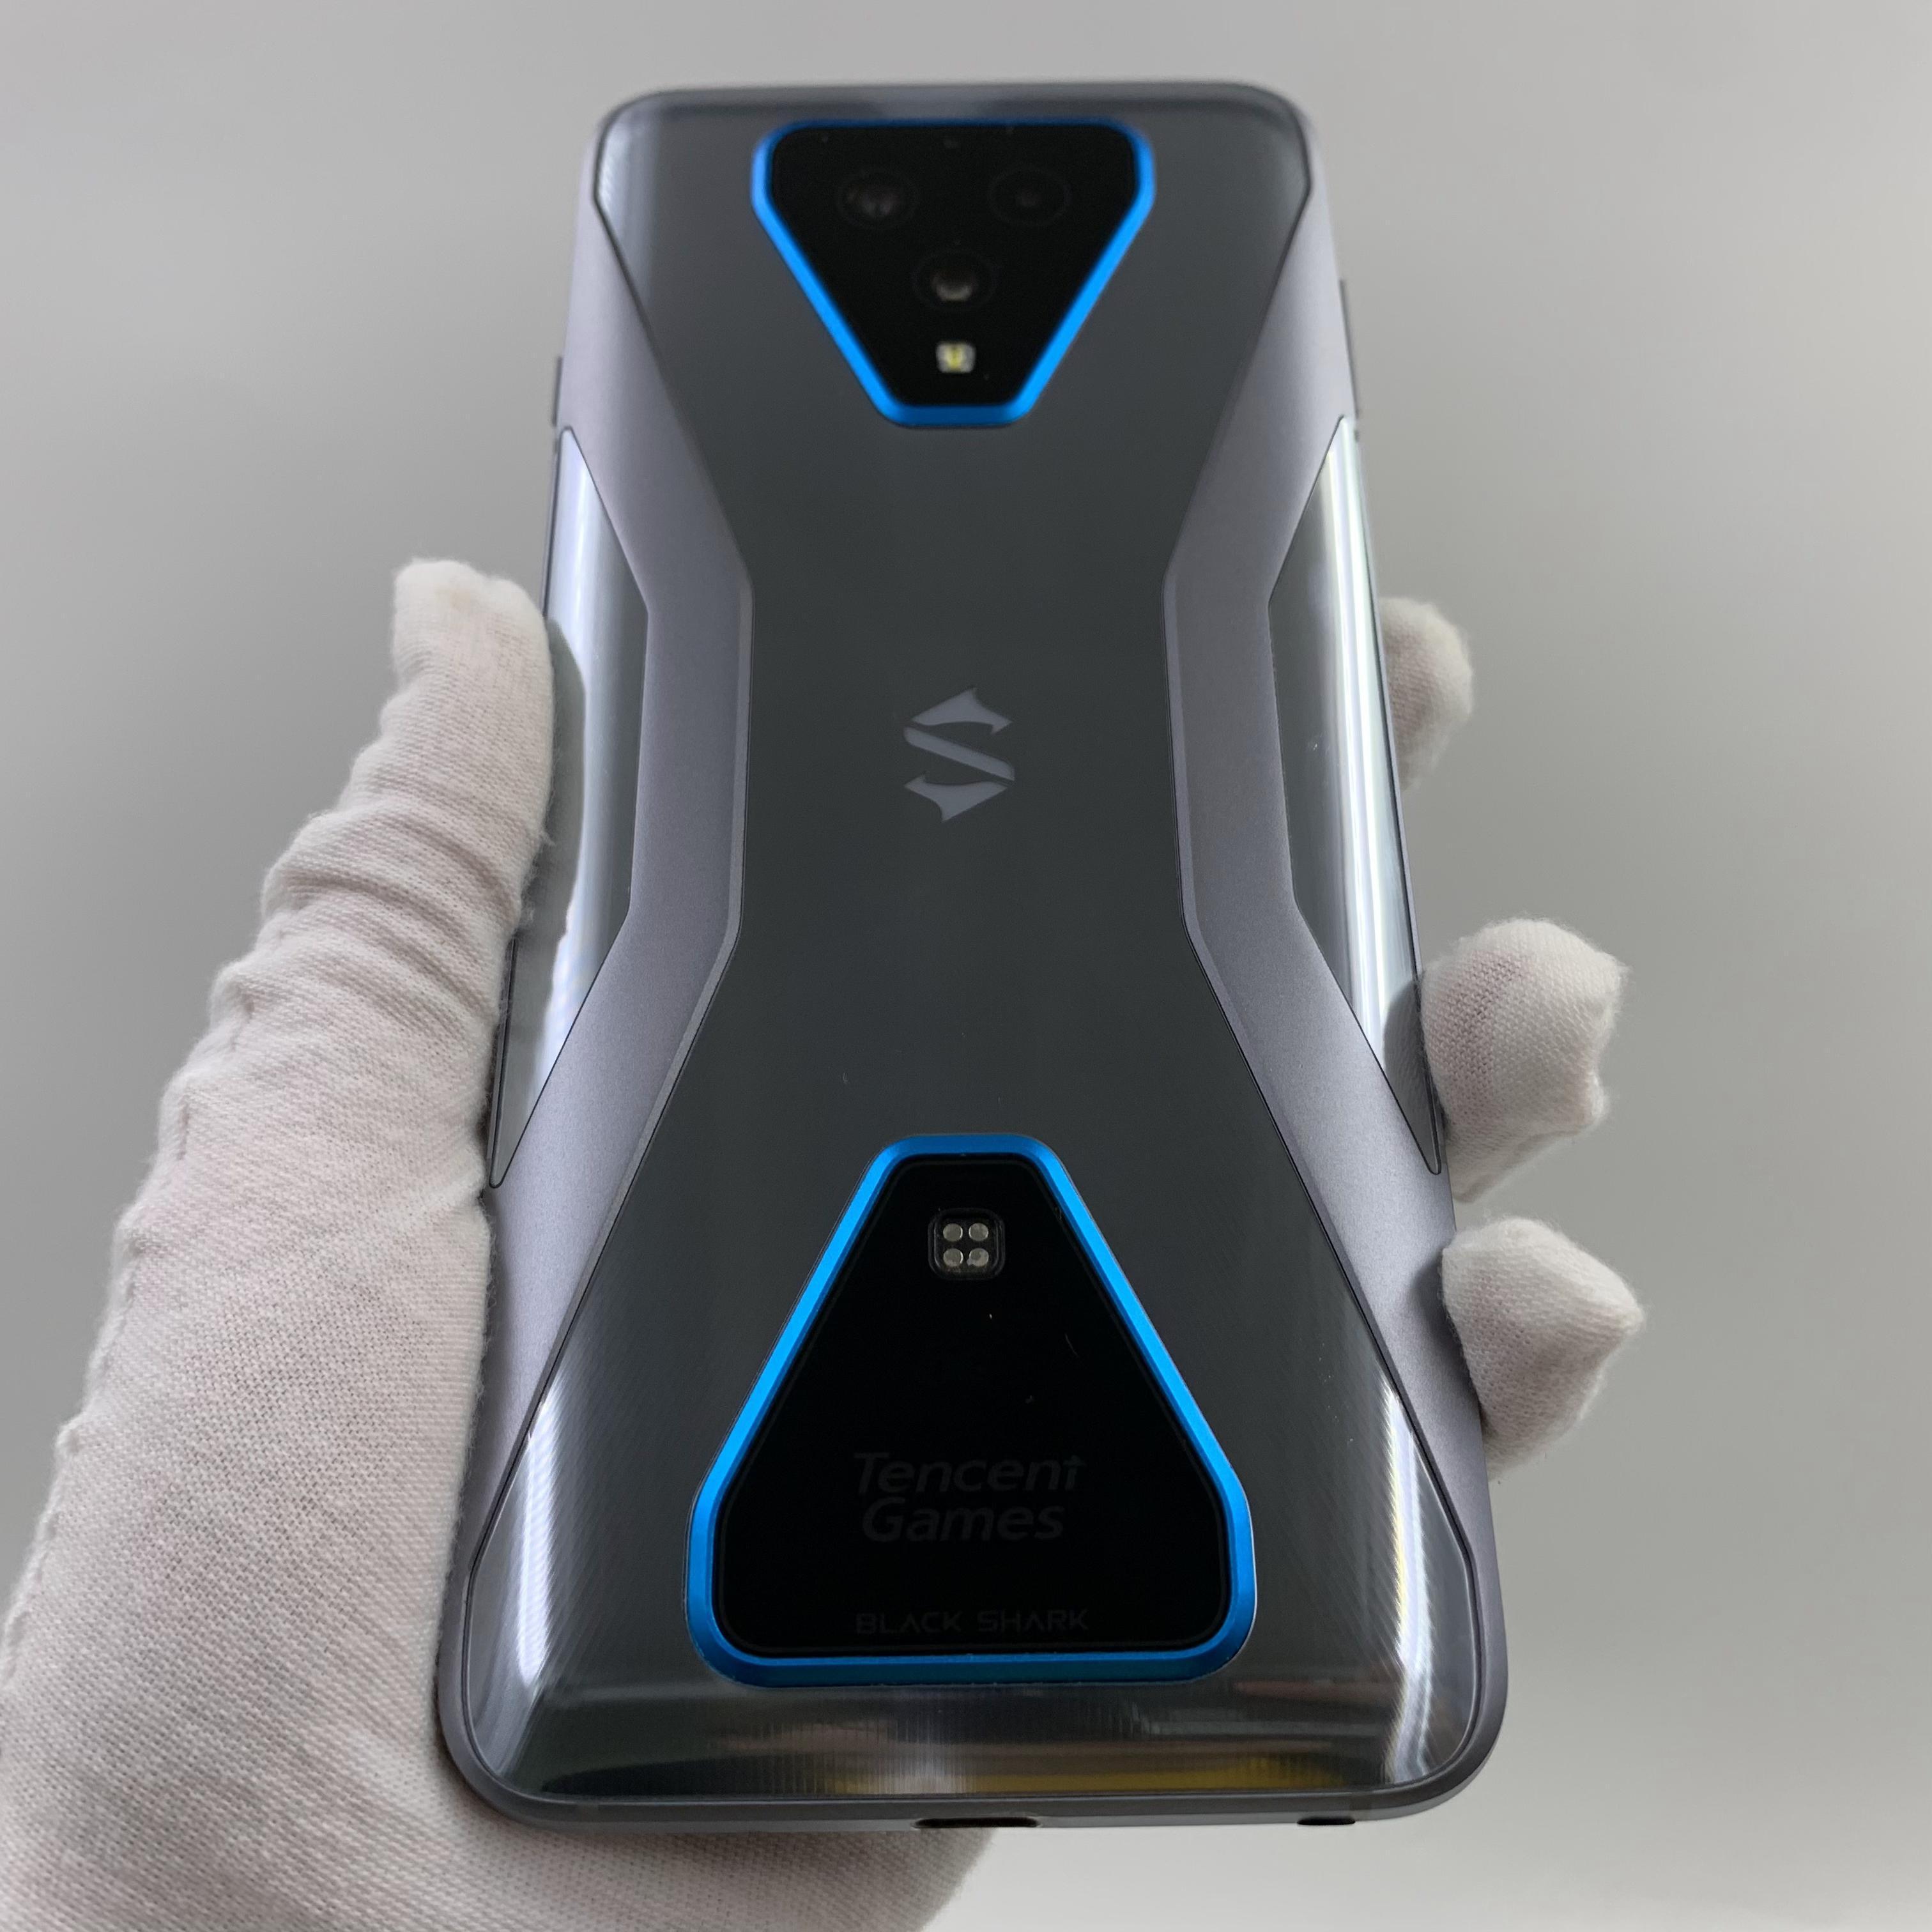 小米【黑鲨 3 5G】5G全网通 铠甲灰 12G/256G 国行 8成新 真机实拍